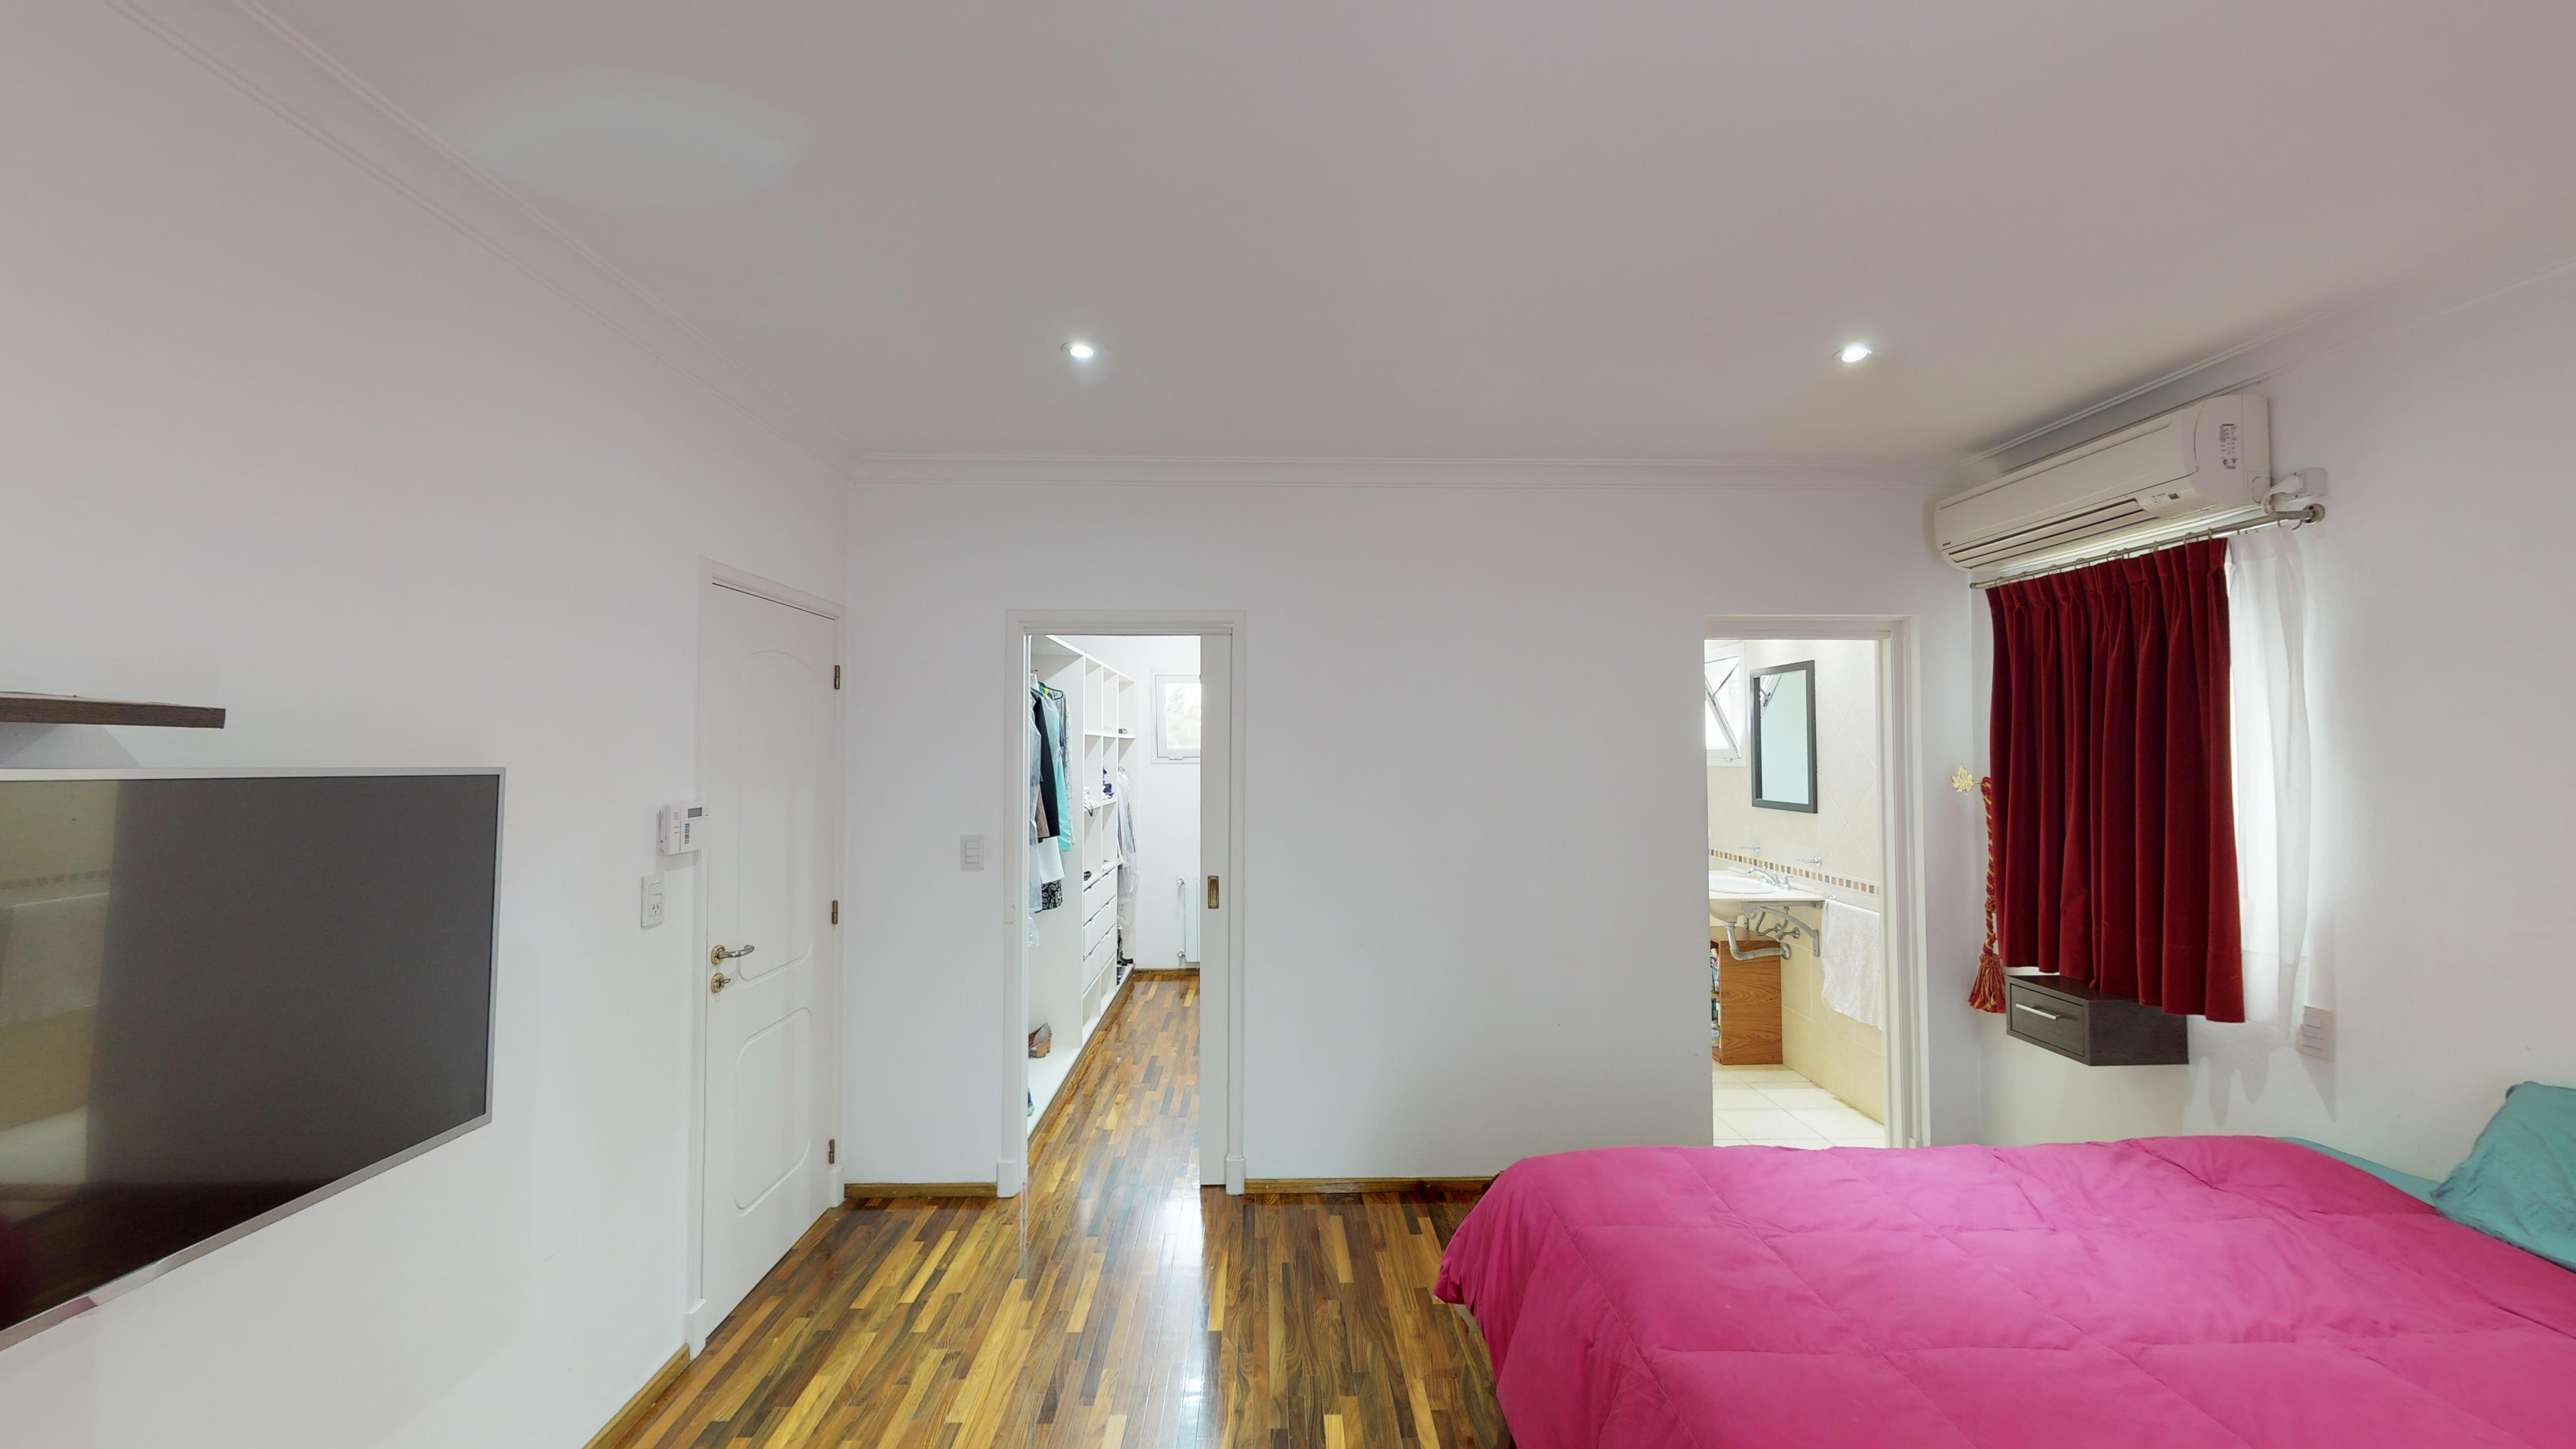 Dormitorio 4 en Suite con cambiador